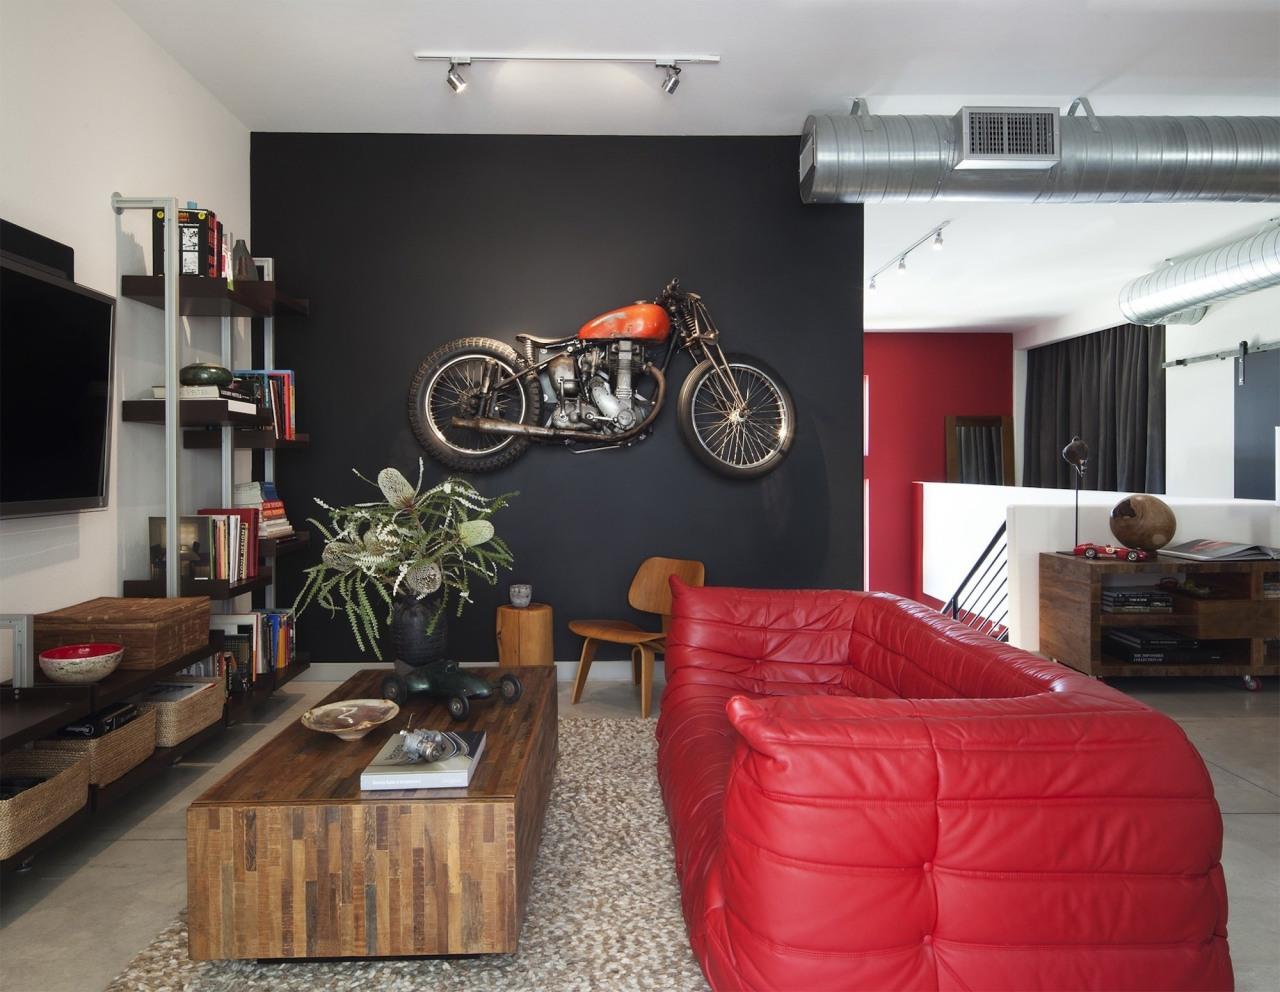 Loft Living Bike - Tim Street Porter - home, interior design, living room, room, table, black, gray